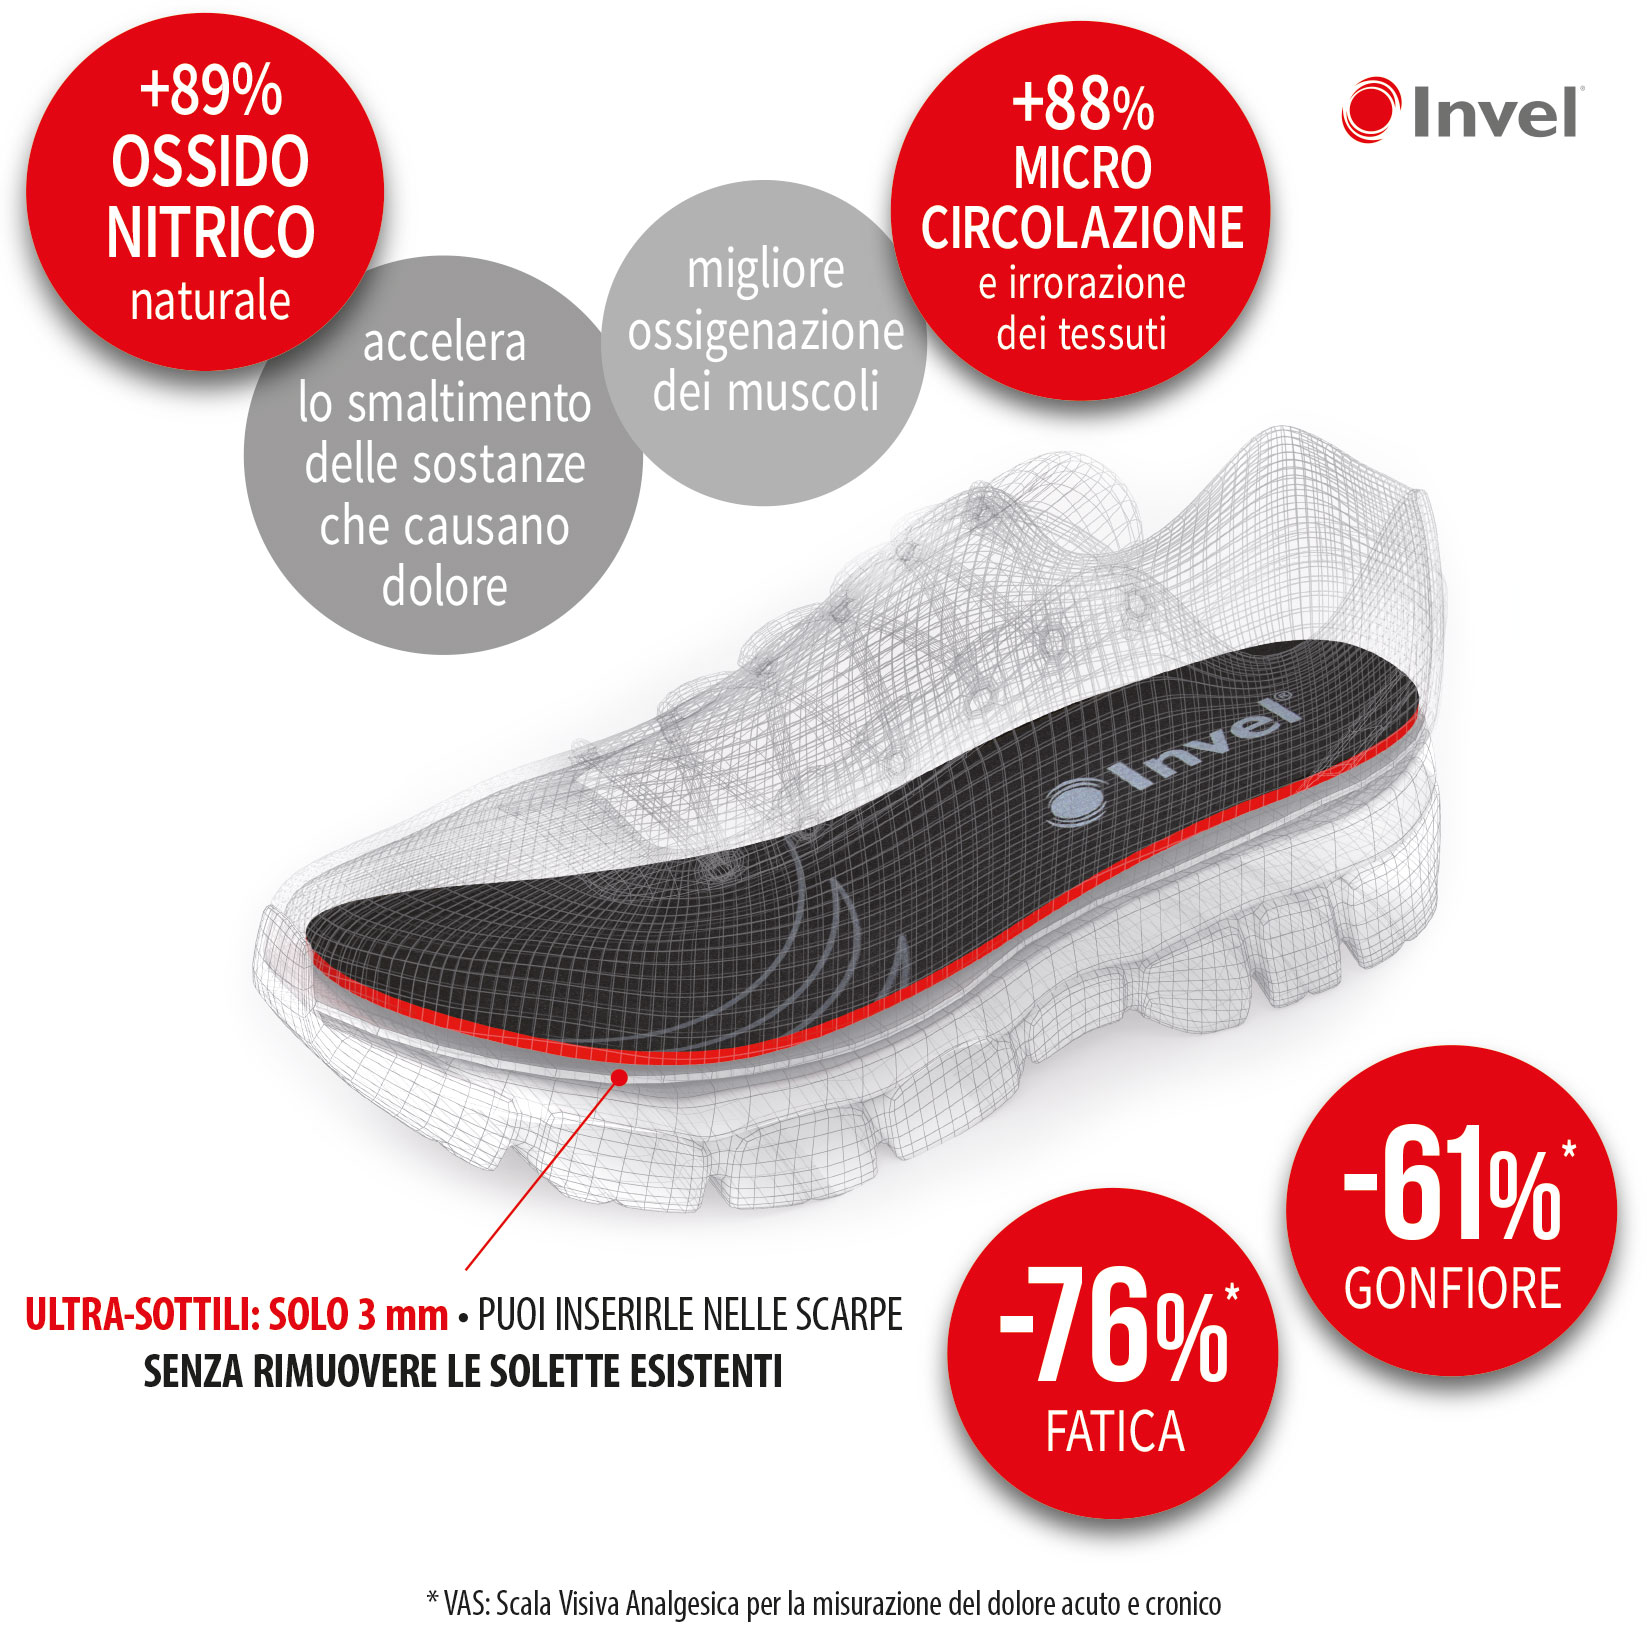 Solette Invel MIG3 ultra-sottili: benefici piedi e gambe